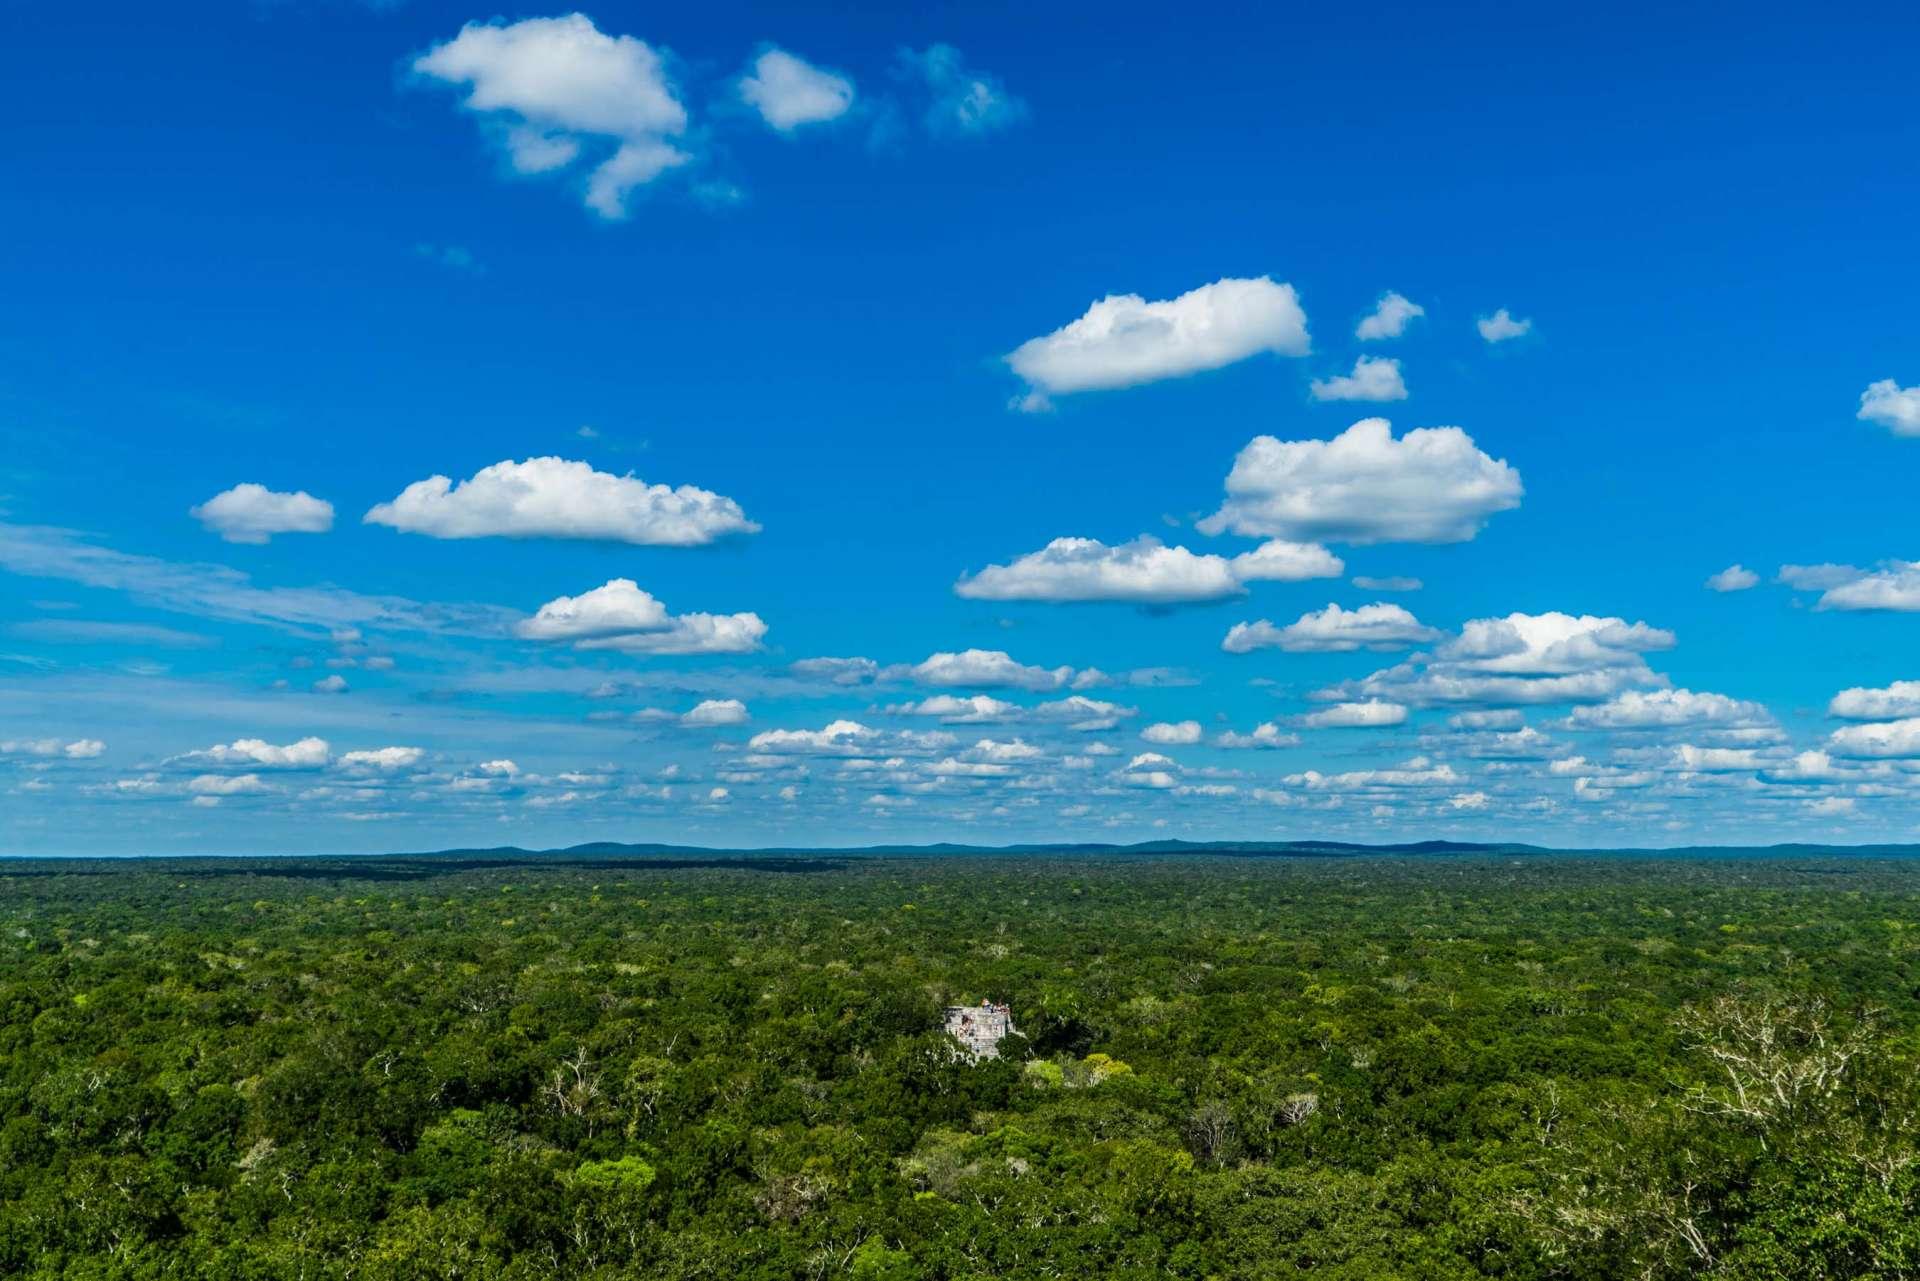 Calakmul Yucatan Mexico Enrico Pescantini 2